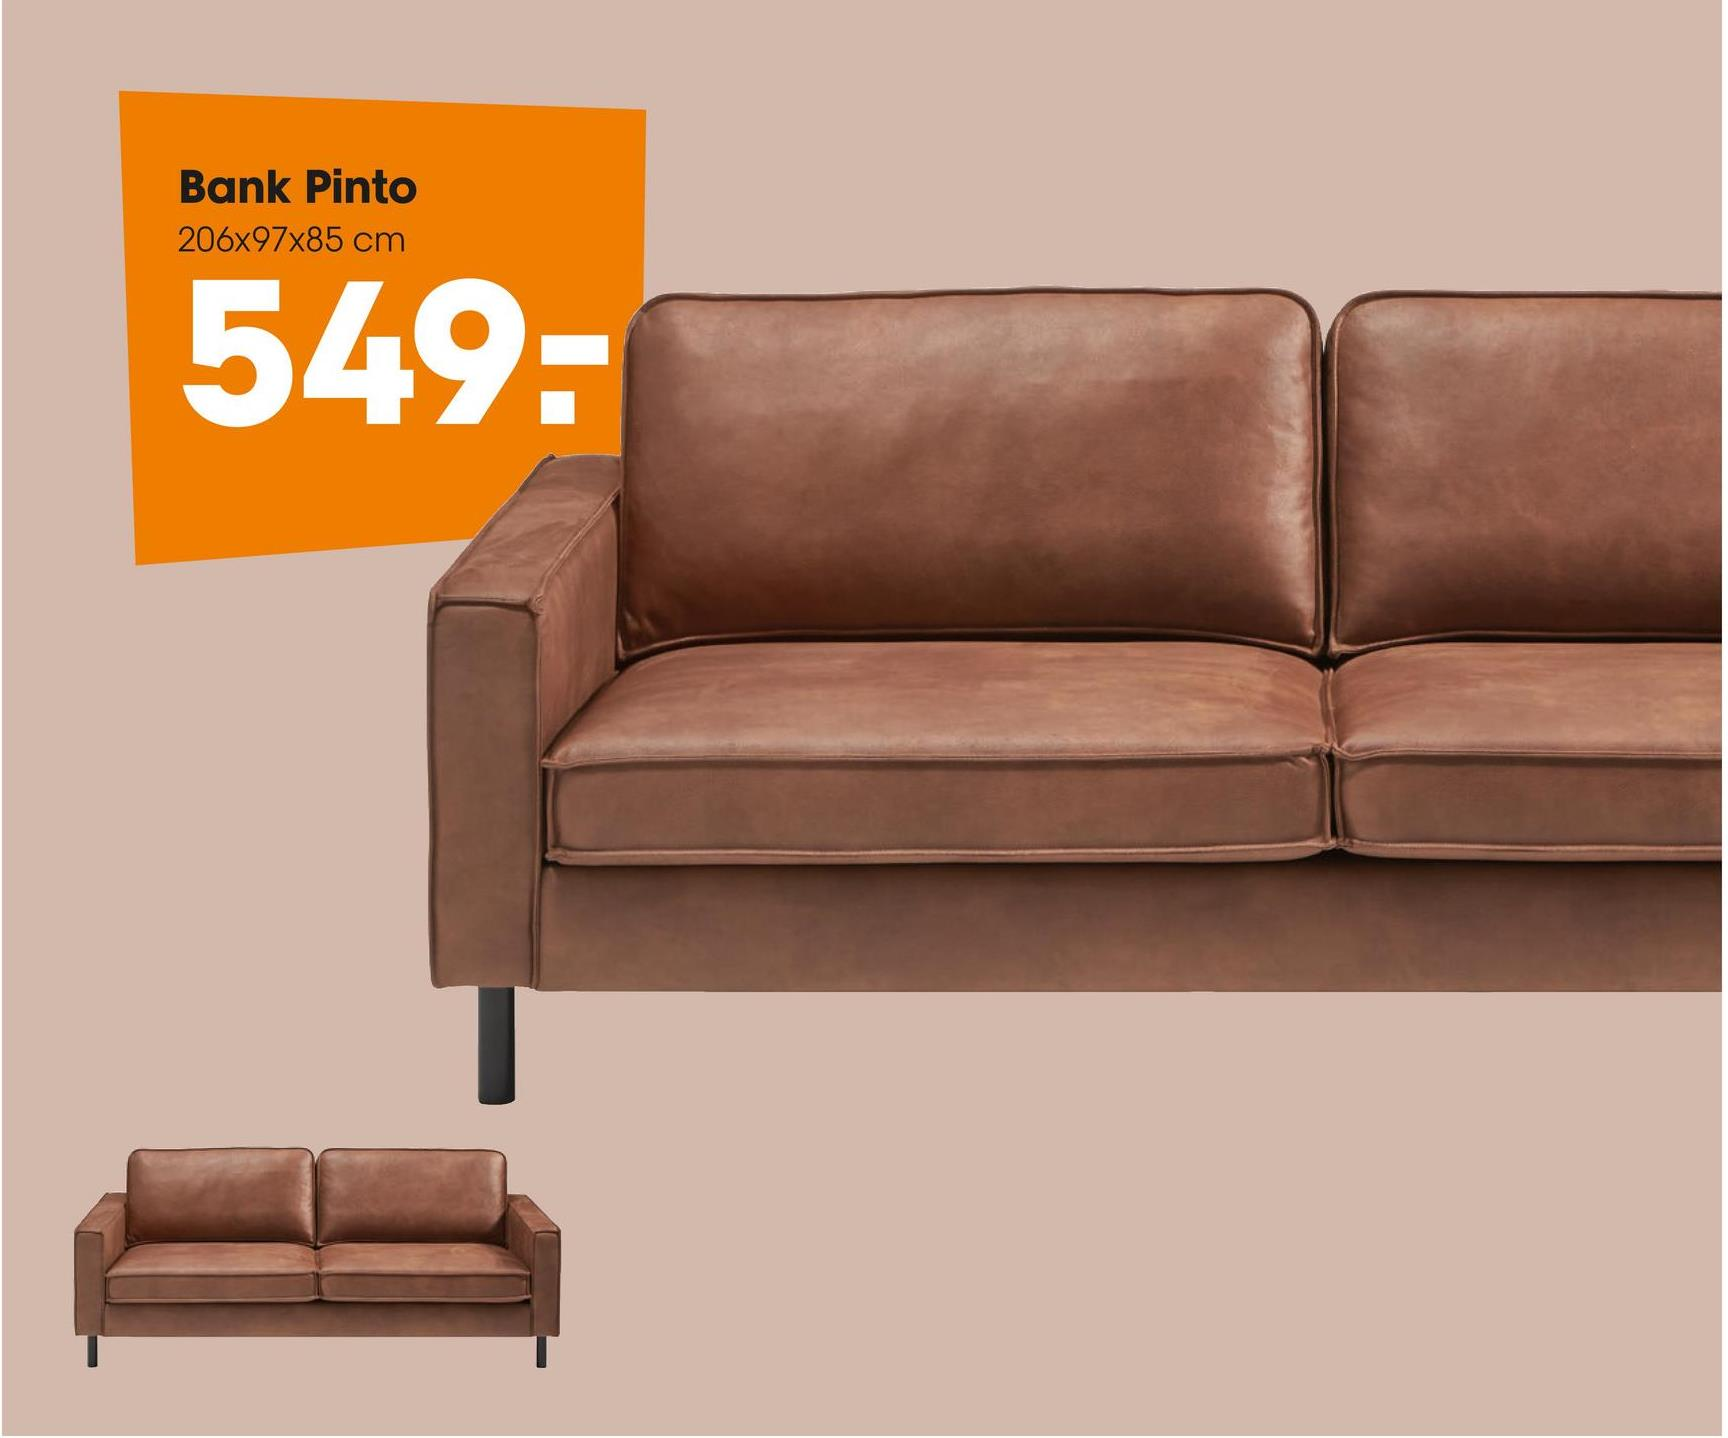 Bank Pinto Cognac Comfortabele bank met textielen bekleding. Kleur: cognac. Afmeting: 206x97x85 cm (lxbxh).